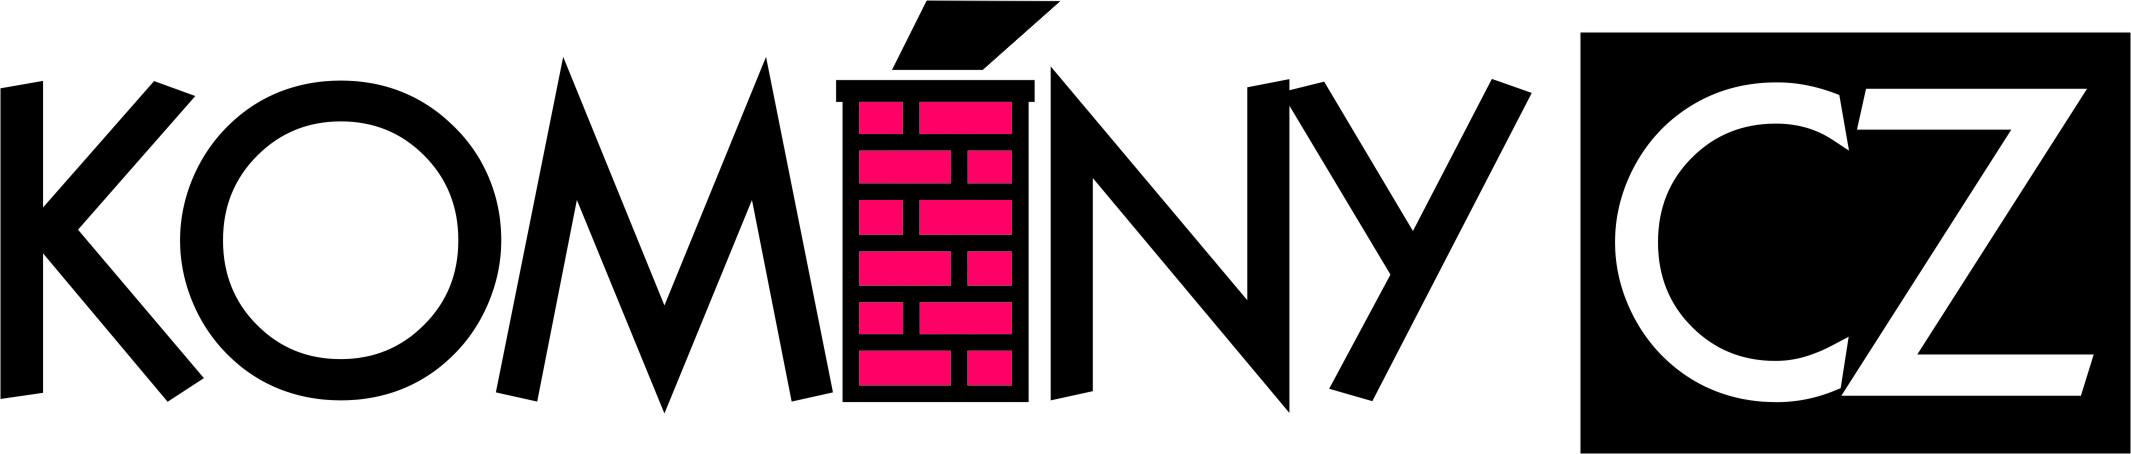 Výsledek obrázku pro KOMINY CZ logo